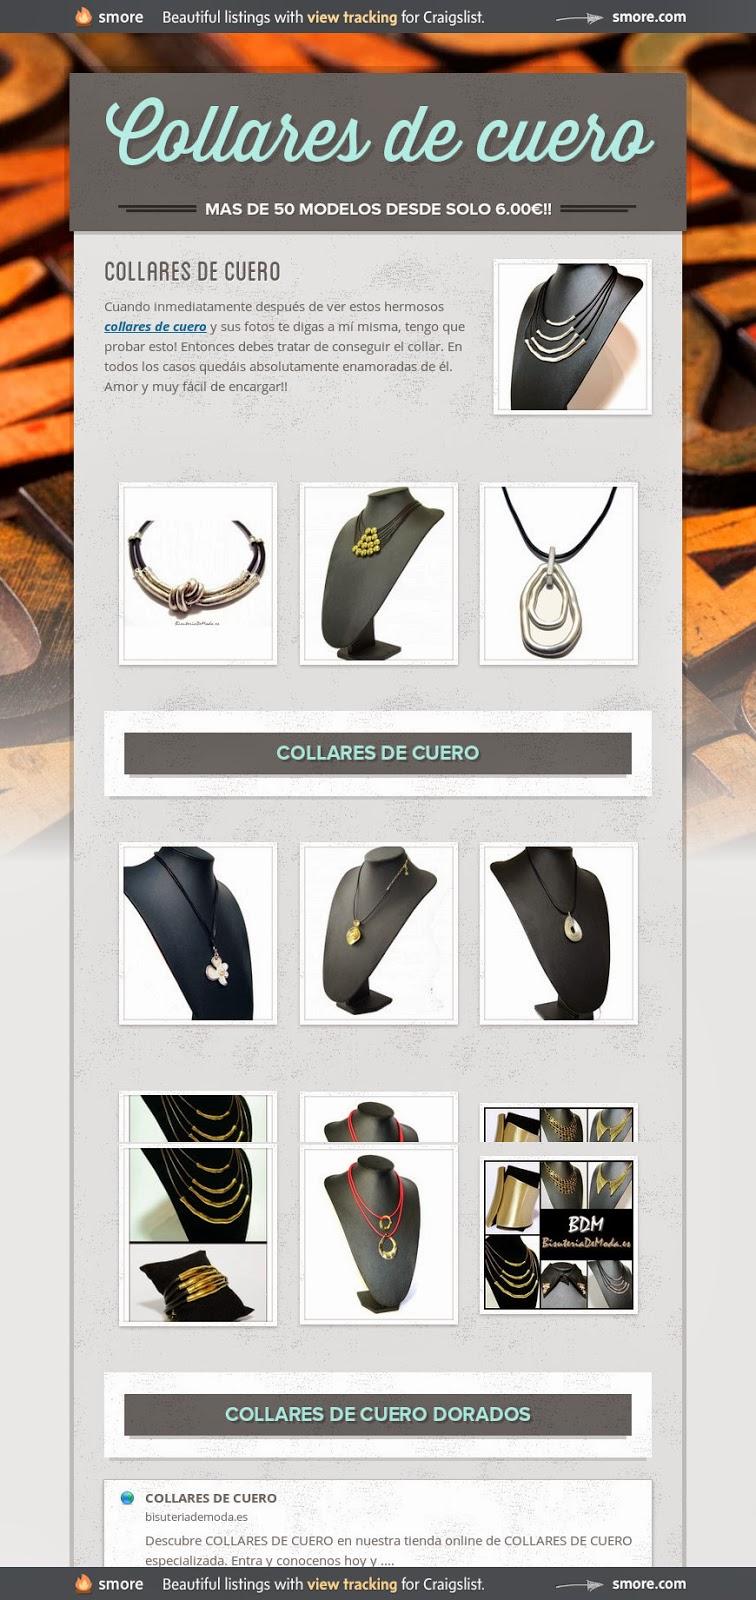 Collares de mujer - BDM - Collares online BARATOS, Collares MUY Originales